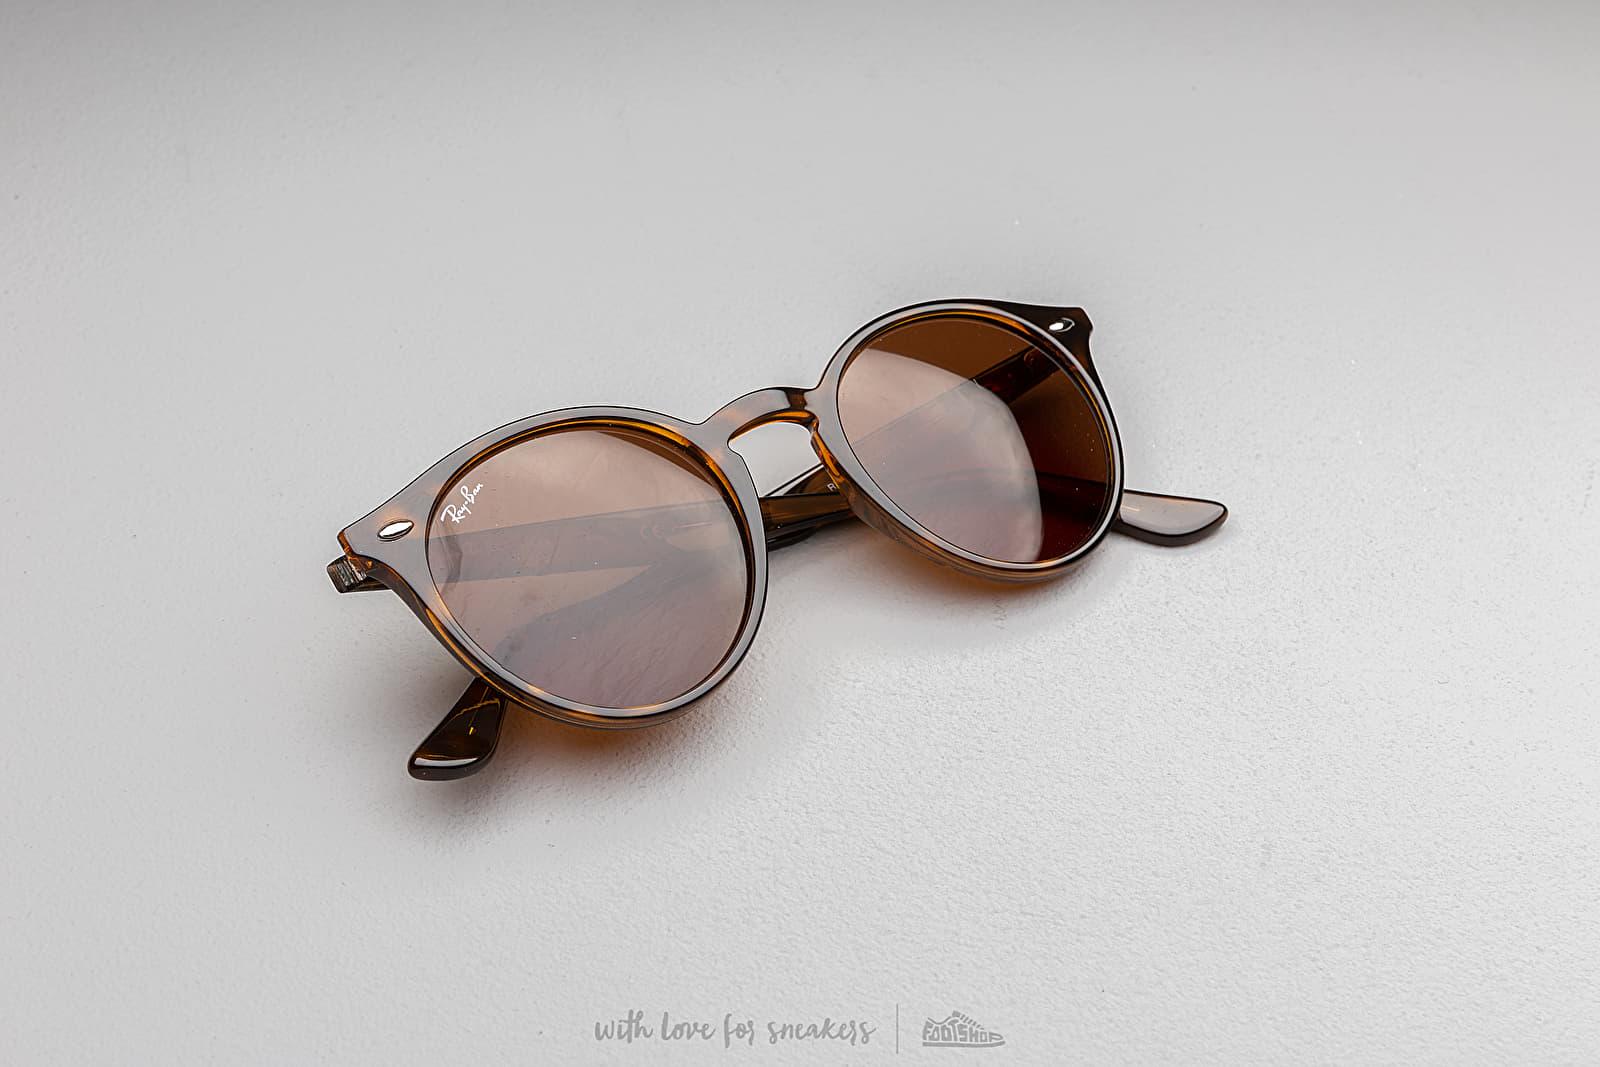 d09736c678 Ray Ban RB2180 Sunglasses Brown a muy buen precio 129 € comprar en Footshop